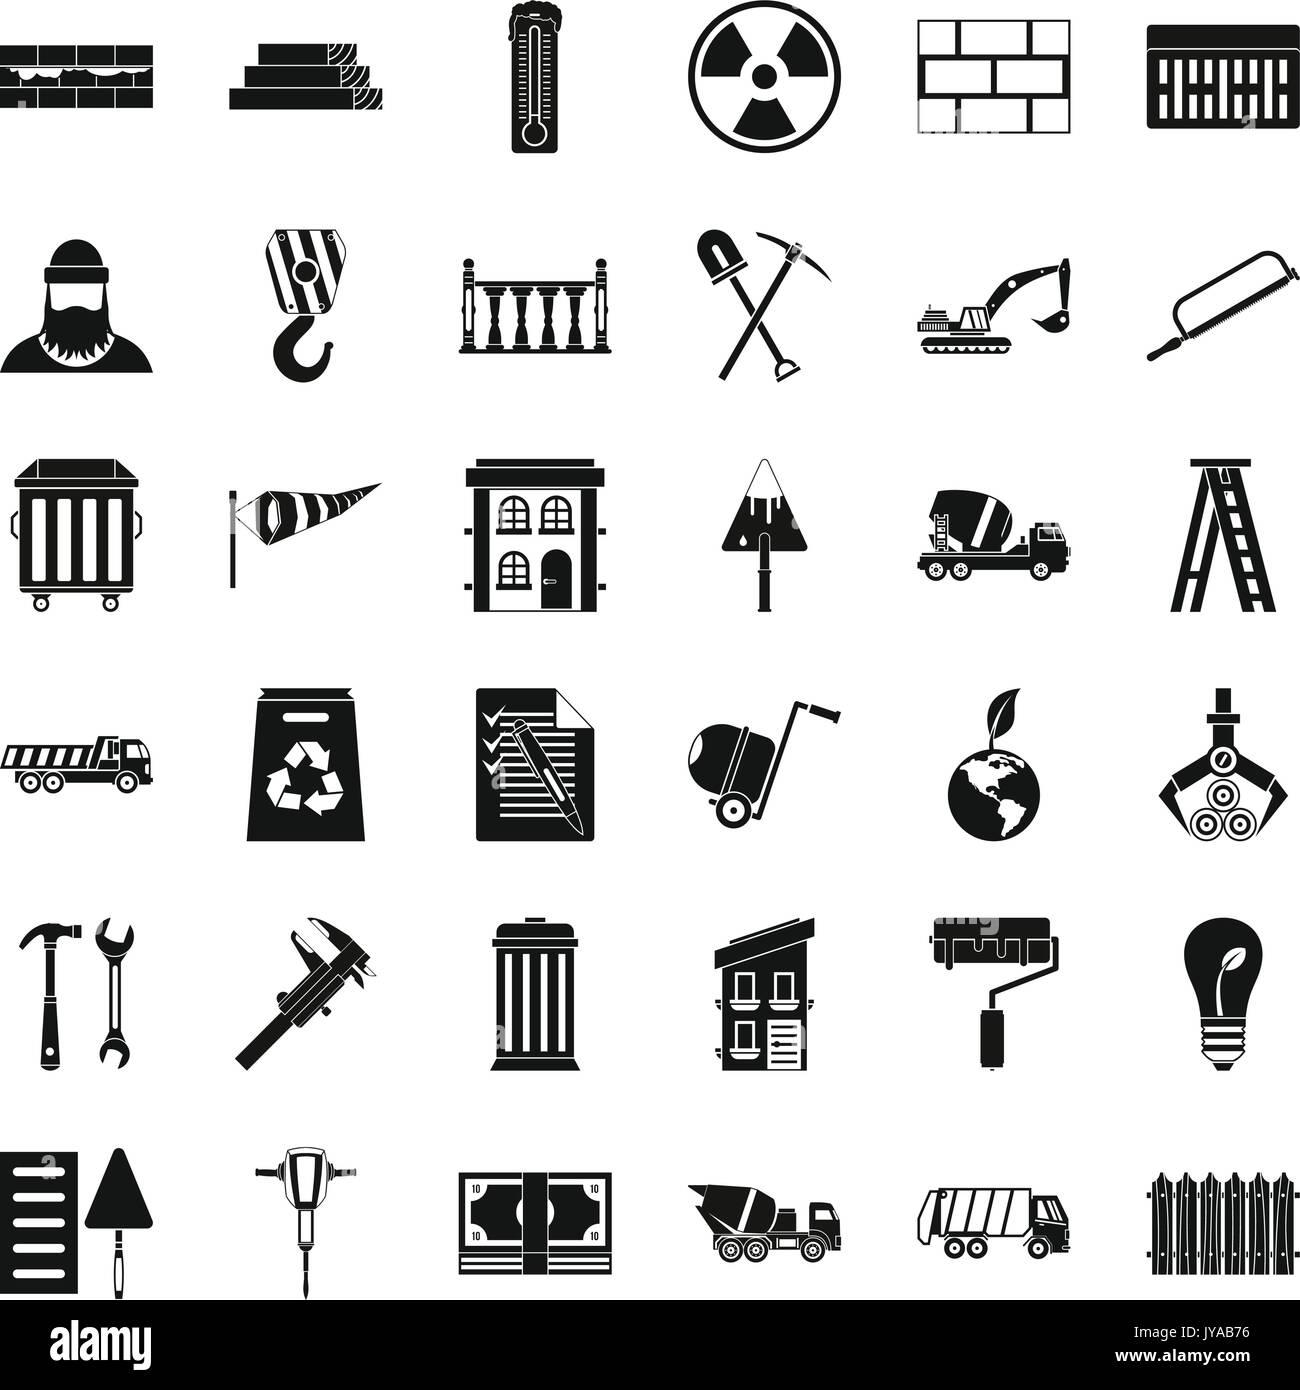 Bauarbeiten Symbole gesetzt, einfachen Stil Vektor Abbildung - Bild ...